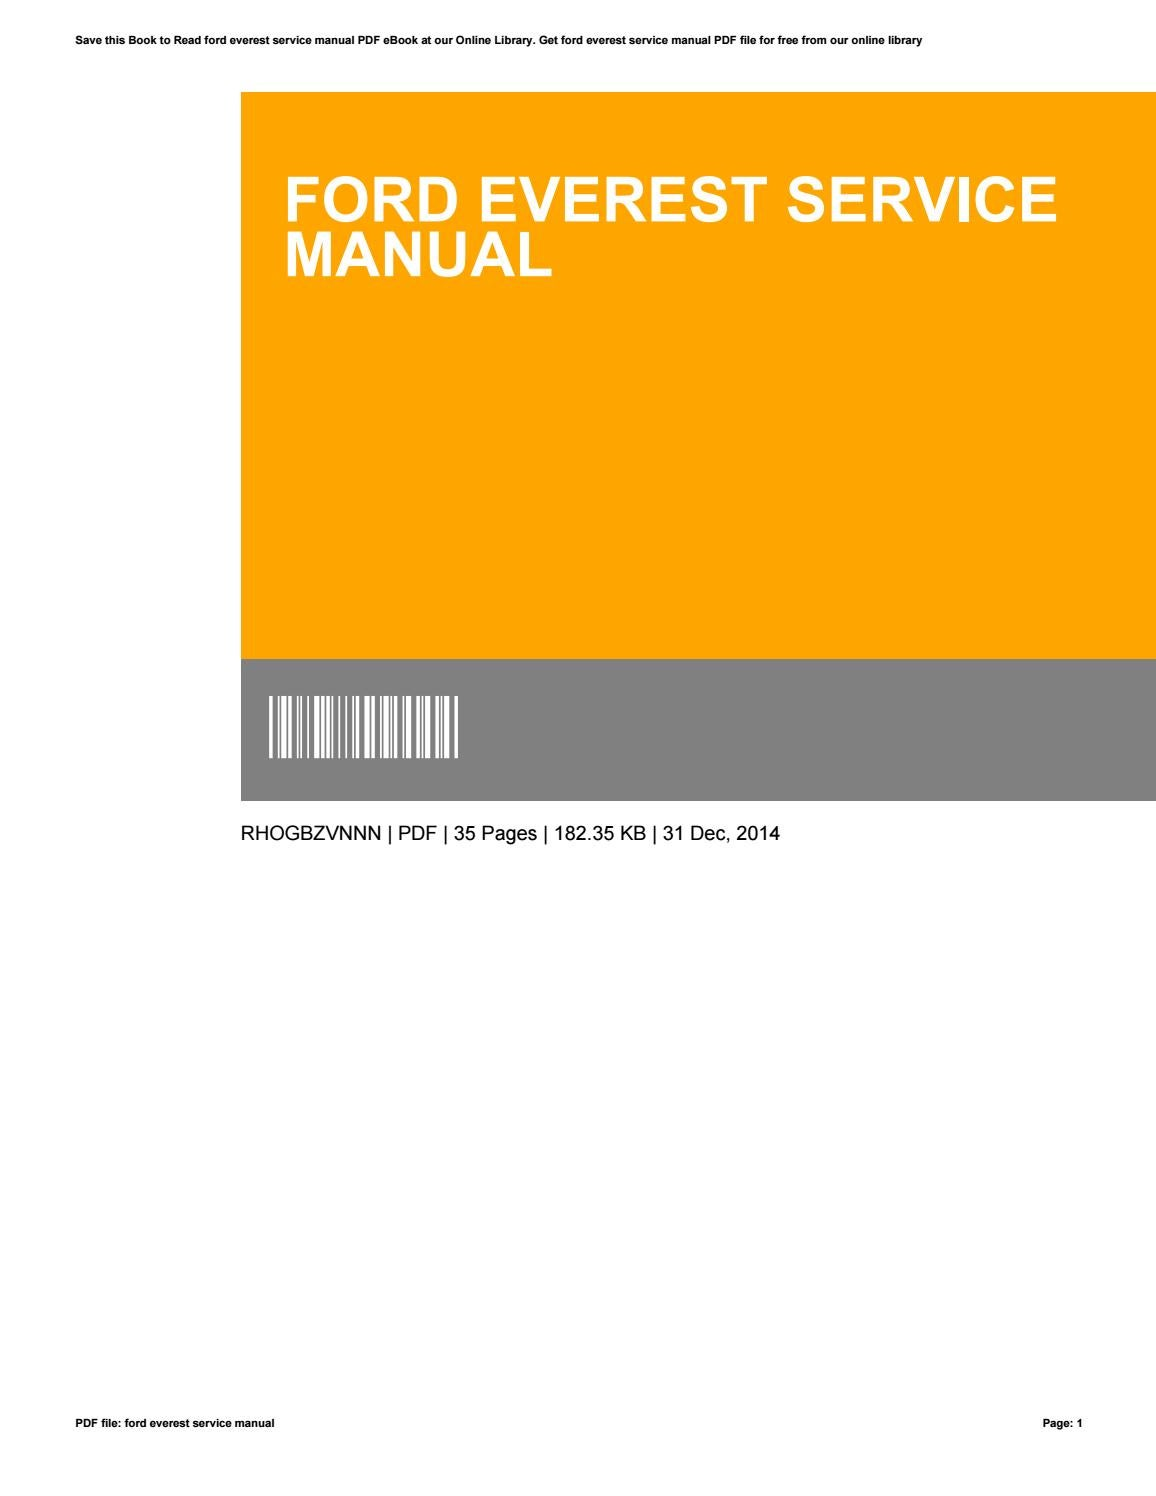 2008 ford f350 service manual pdf